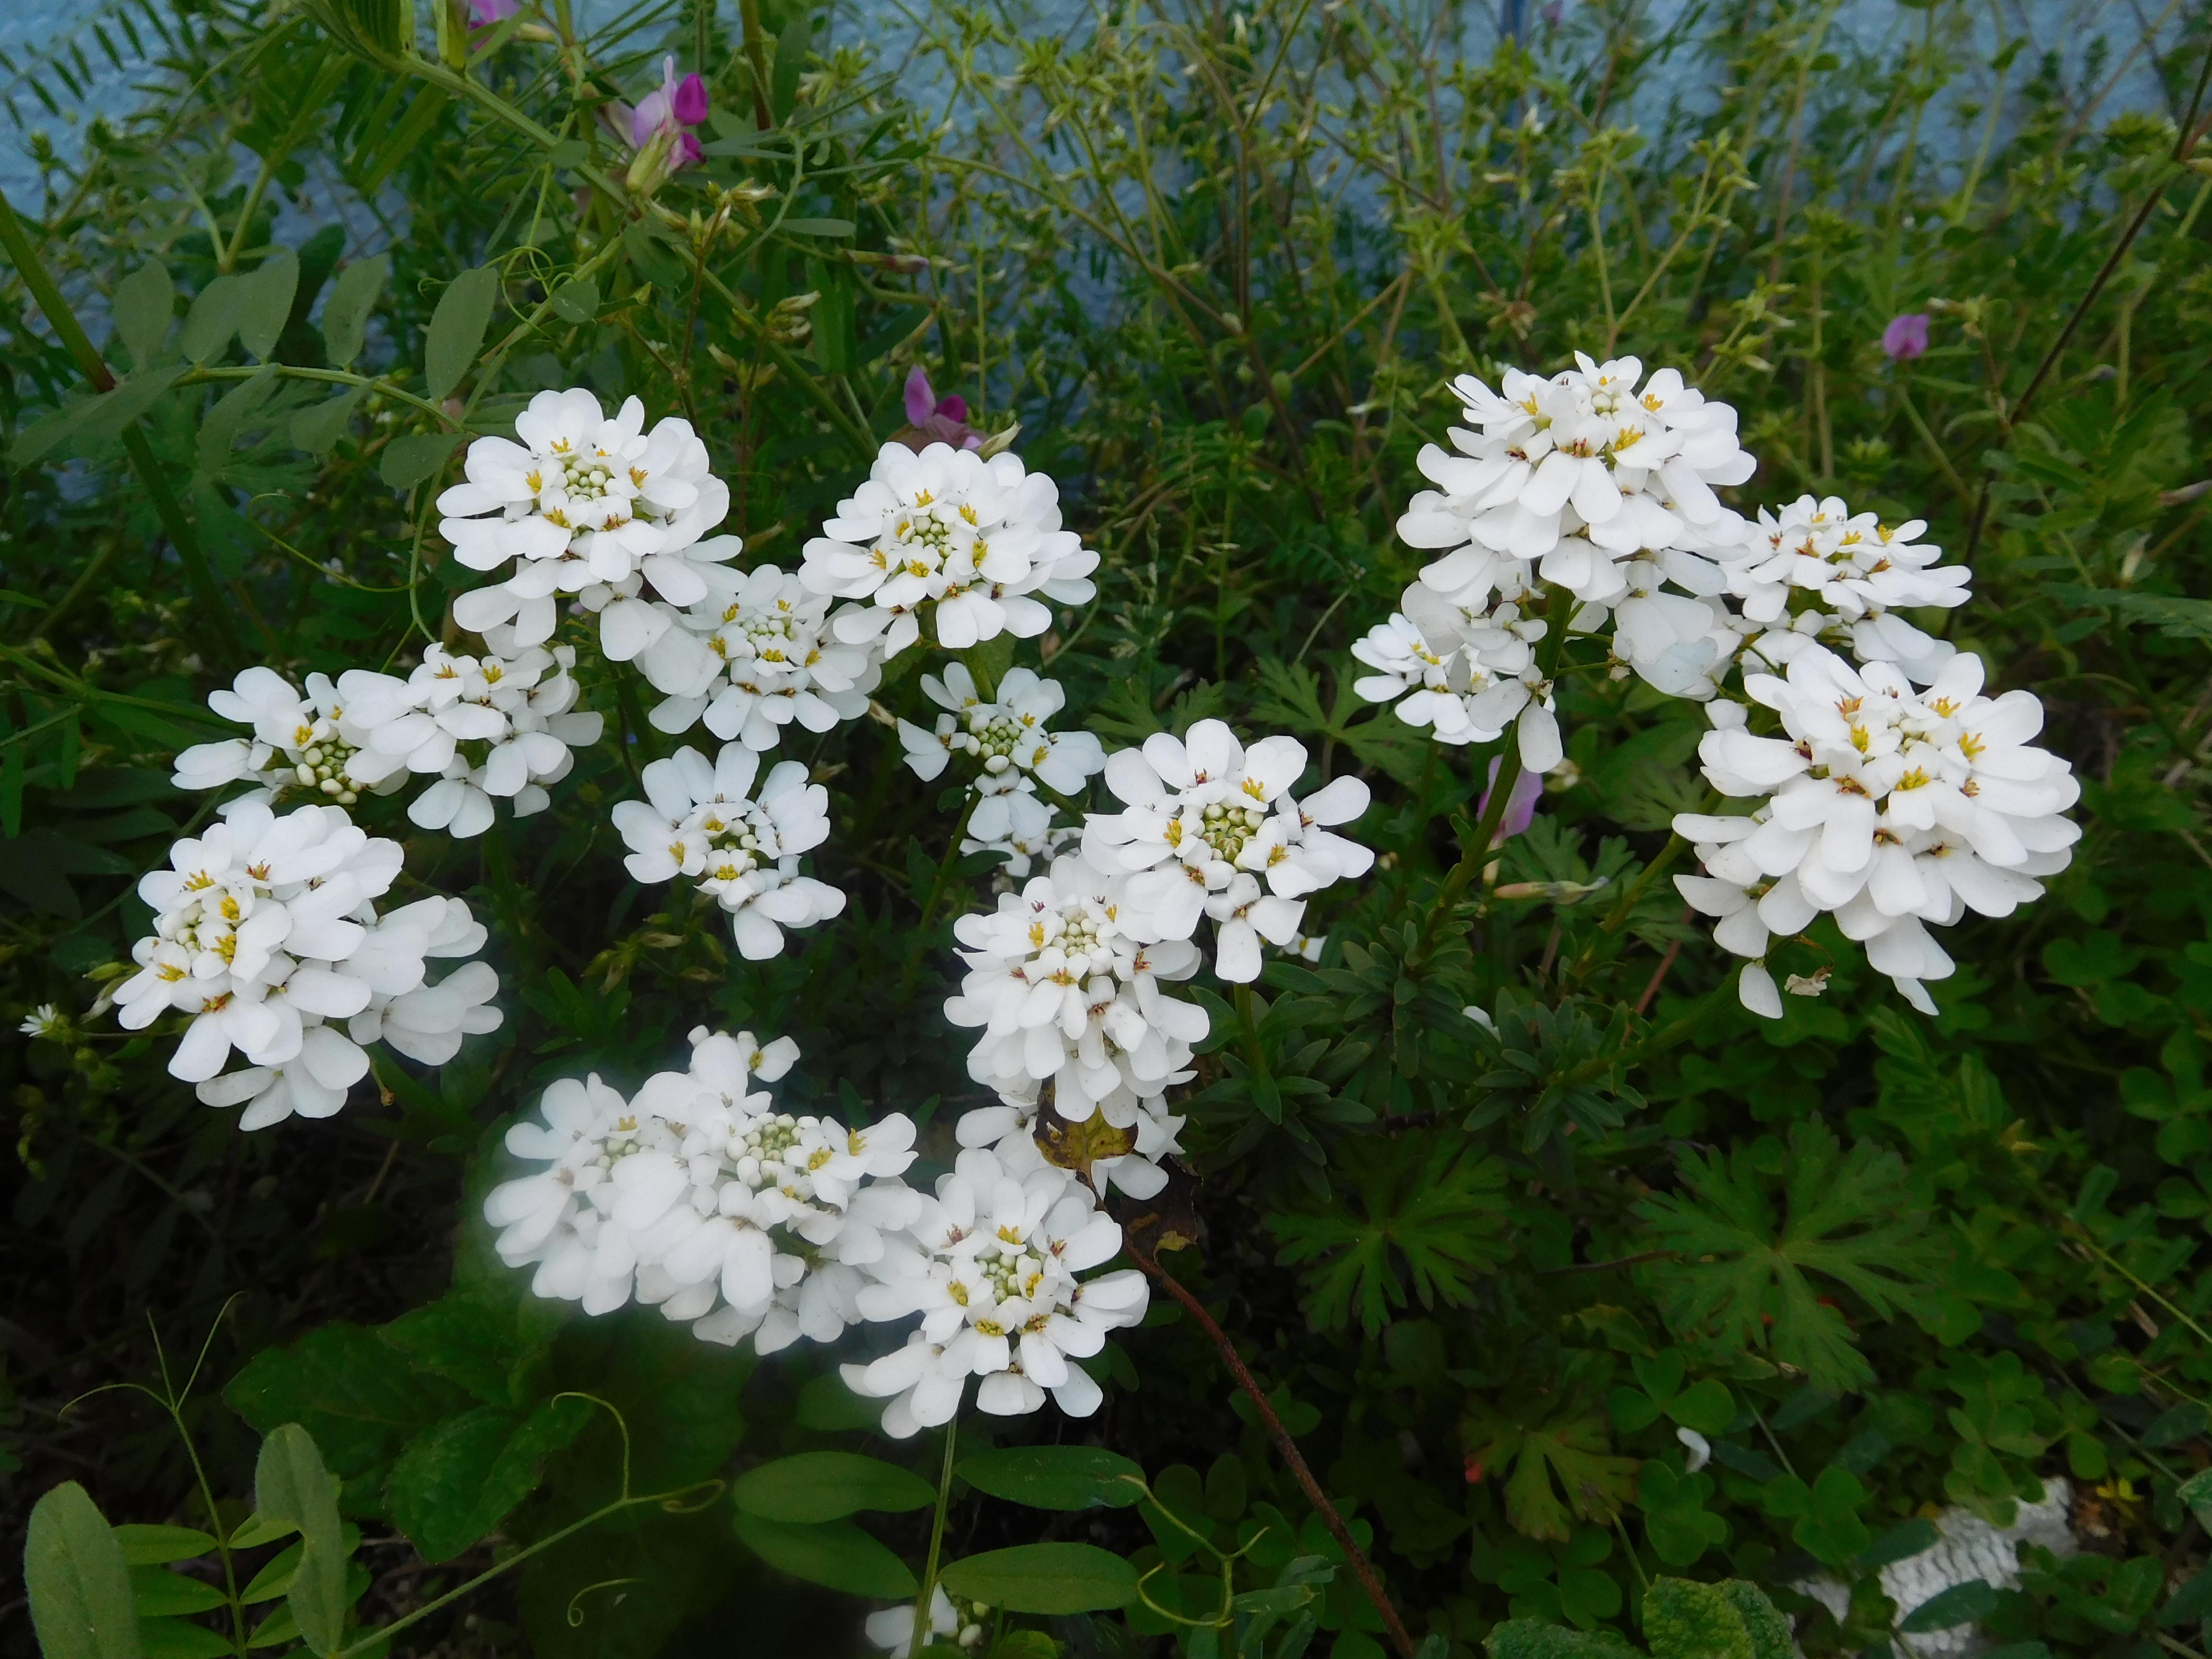 白いお花の写真です。